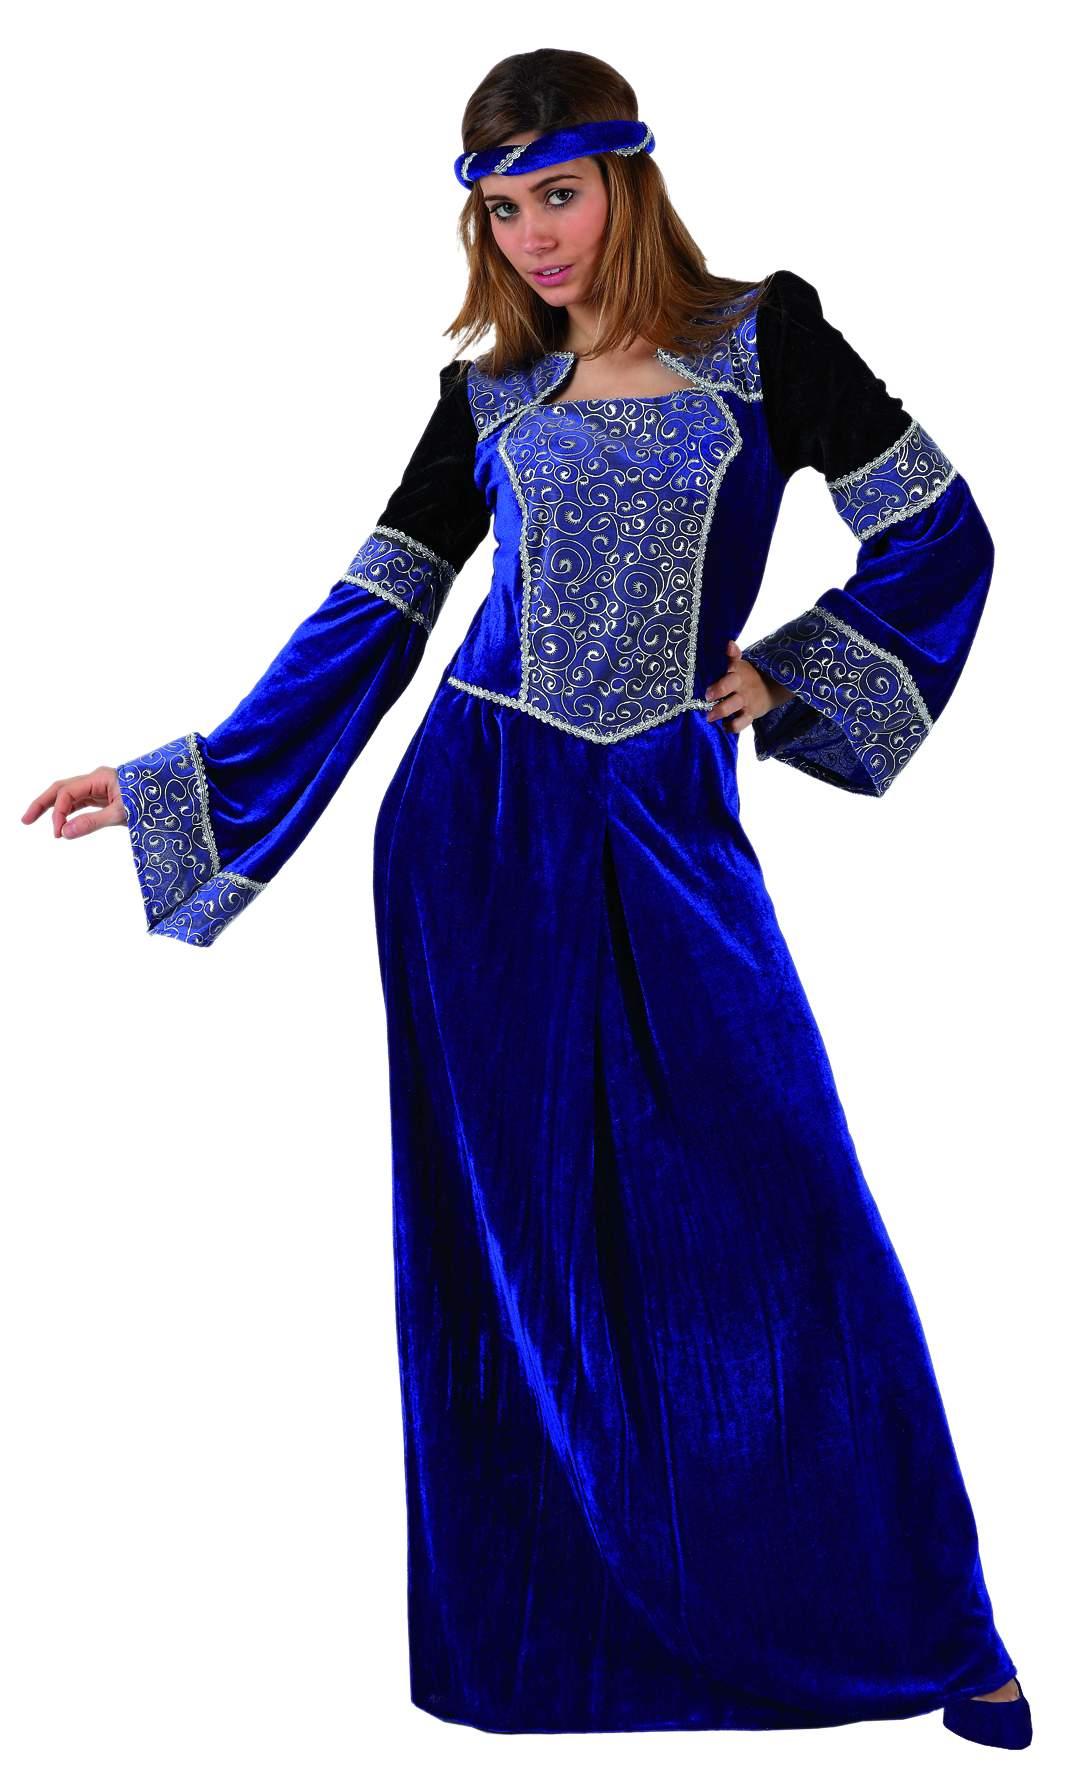 d 233 guisement princesse m 233 di 233 vale costume princesse femme d 233 guisement moyen 226 ge pas cher